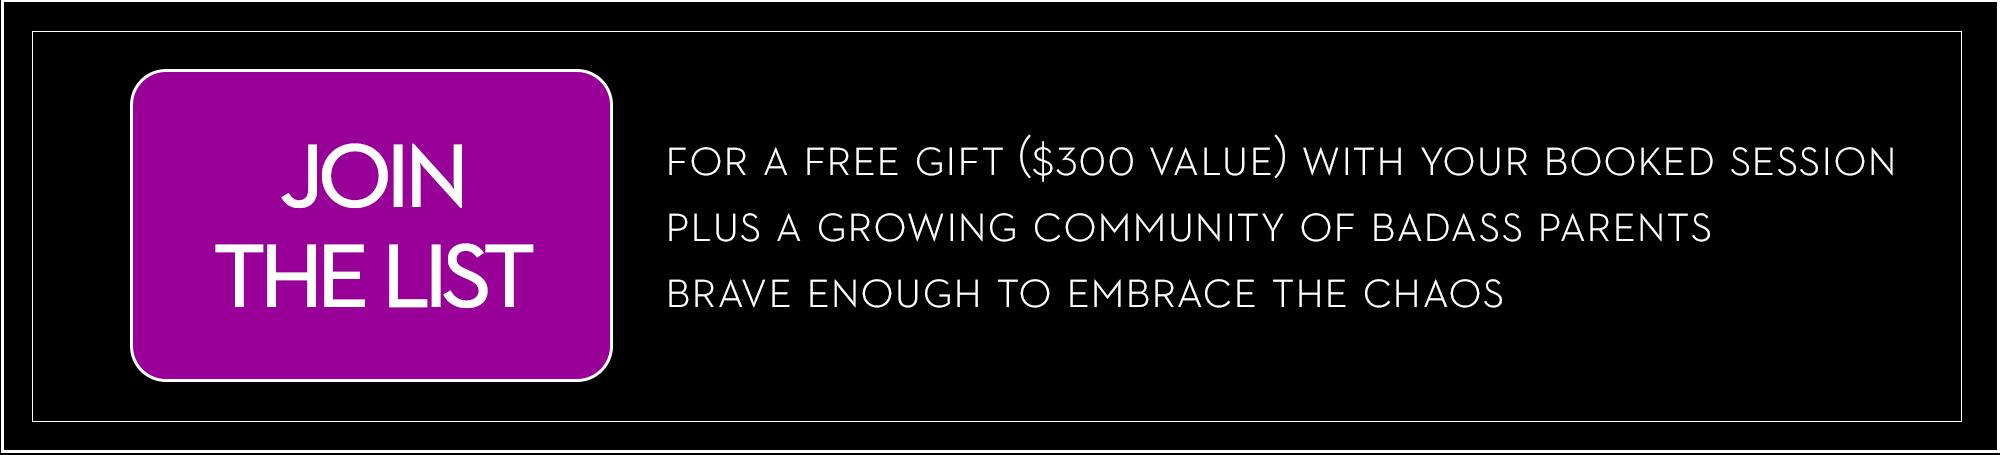 free gift offer.jpg